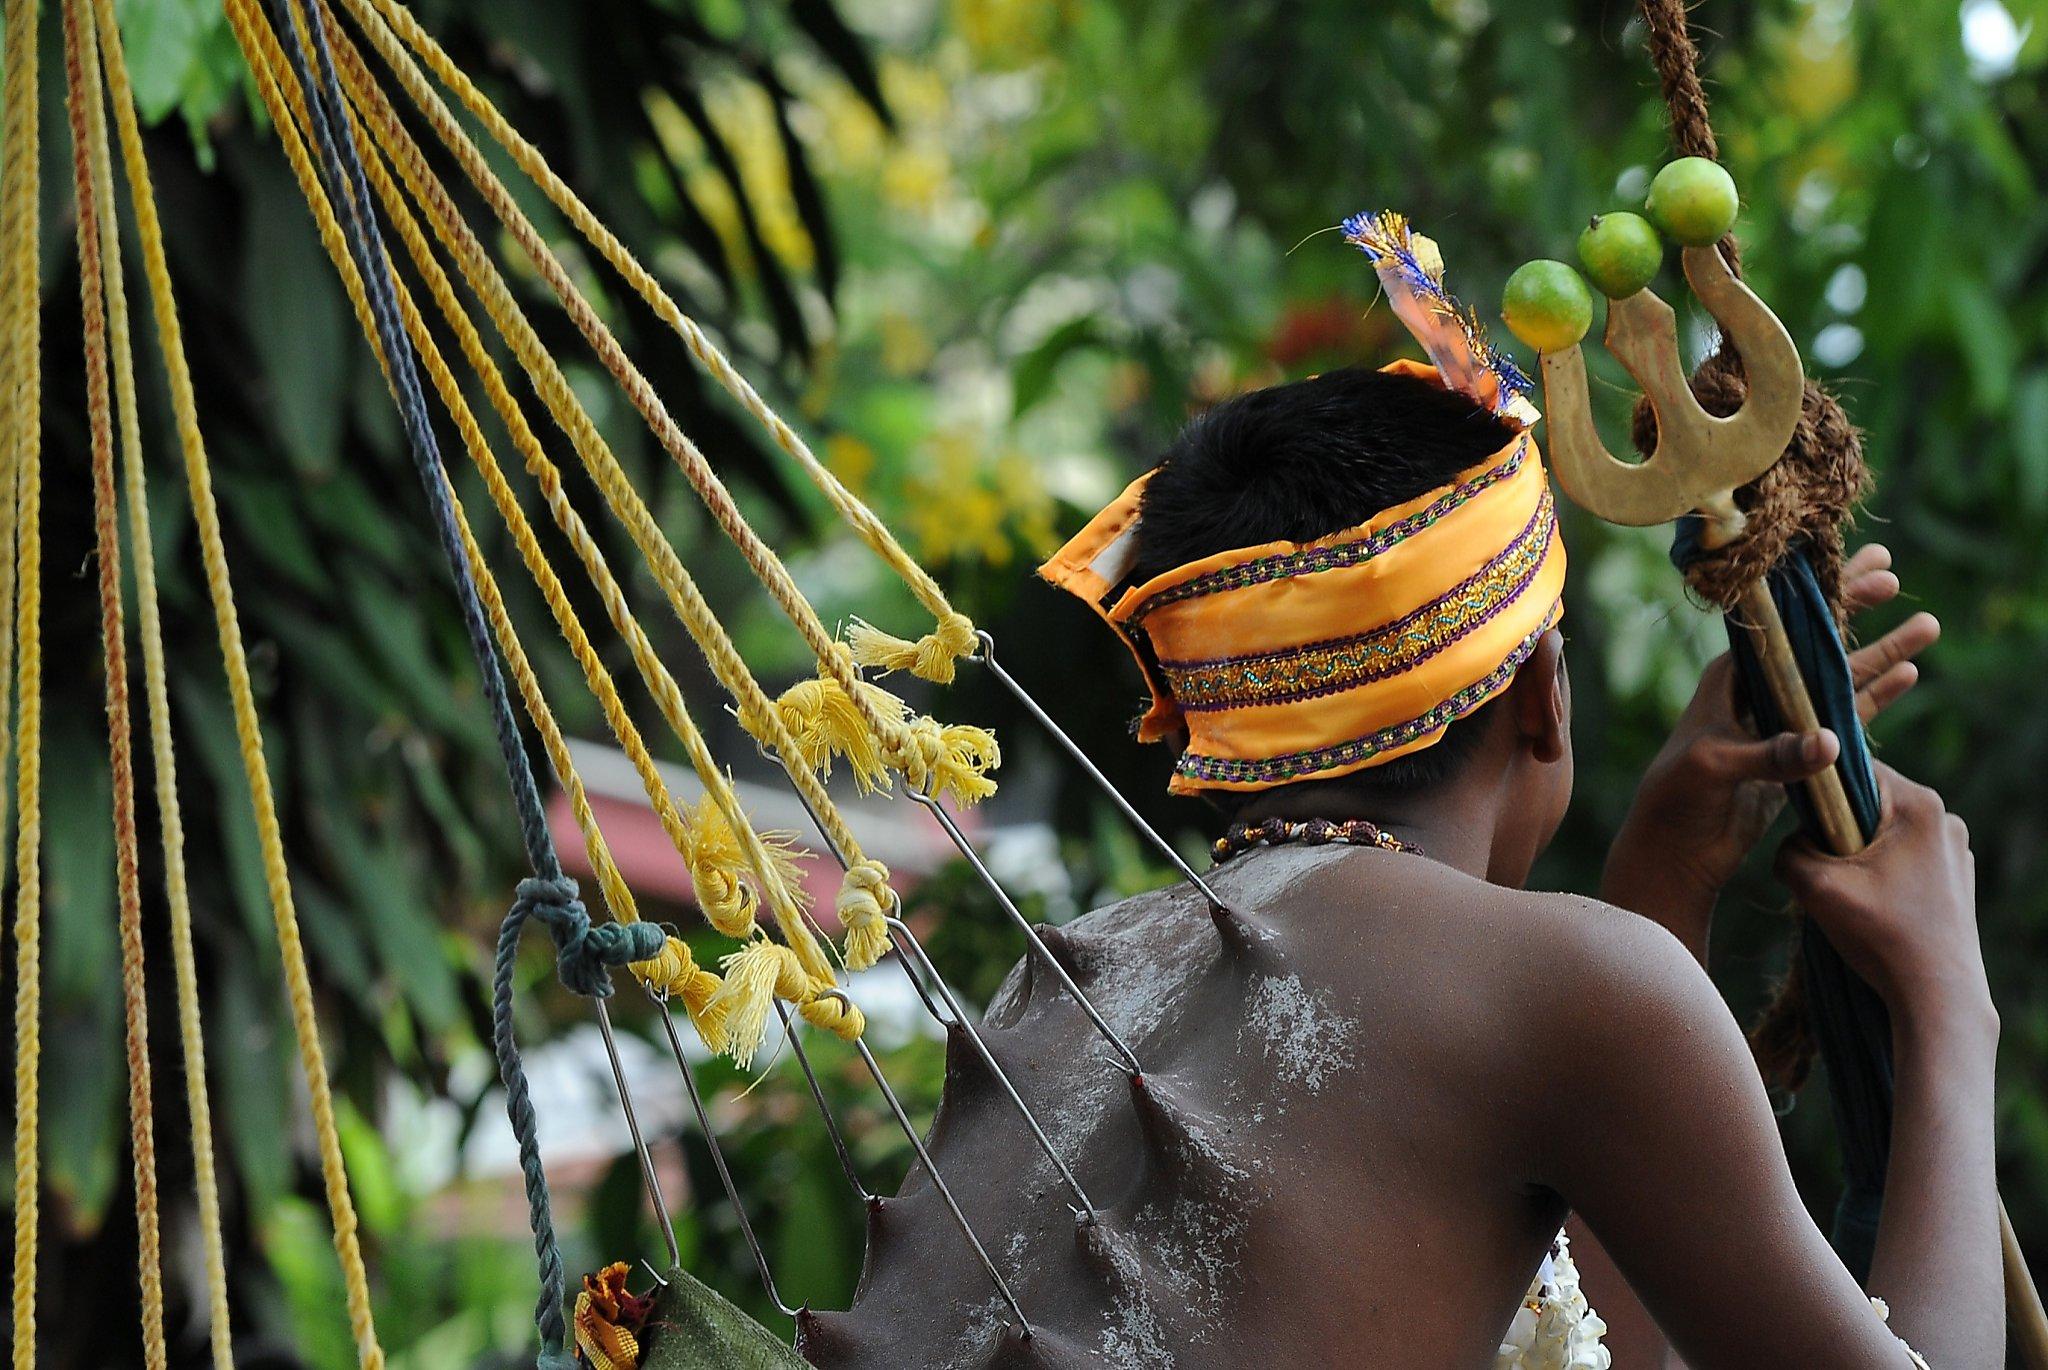 Sri Lanka Vel Hinduism festival honors the god of war  SFGate